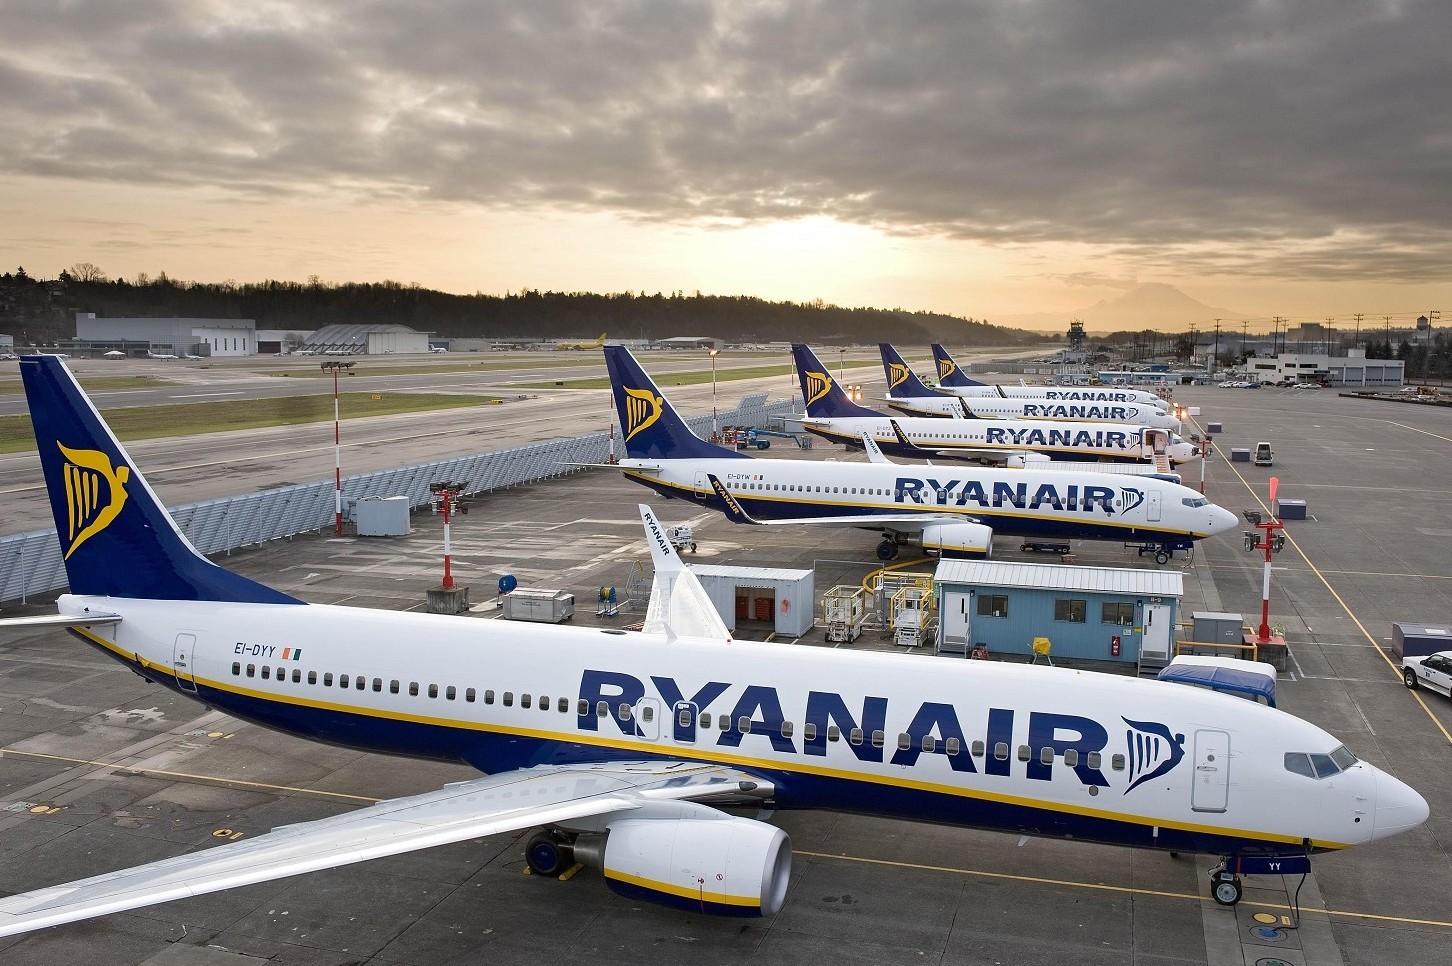 Ryanair assunzioni al via e tante ulteri